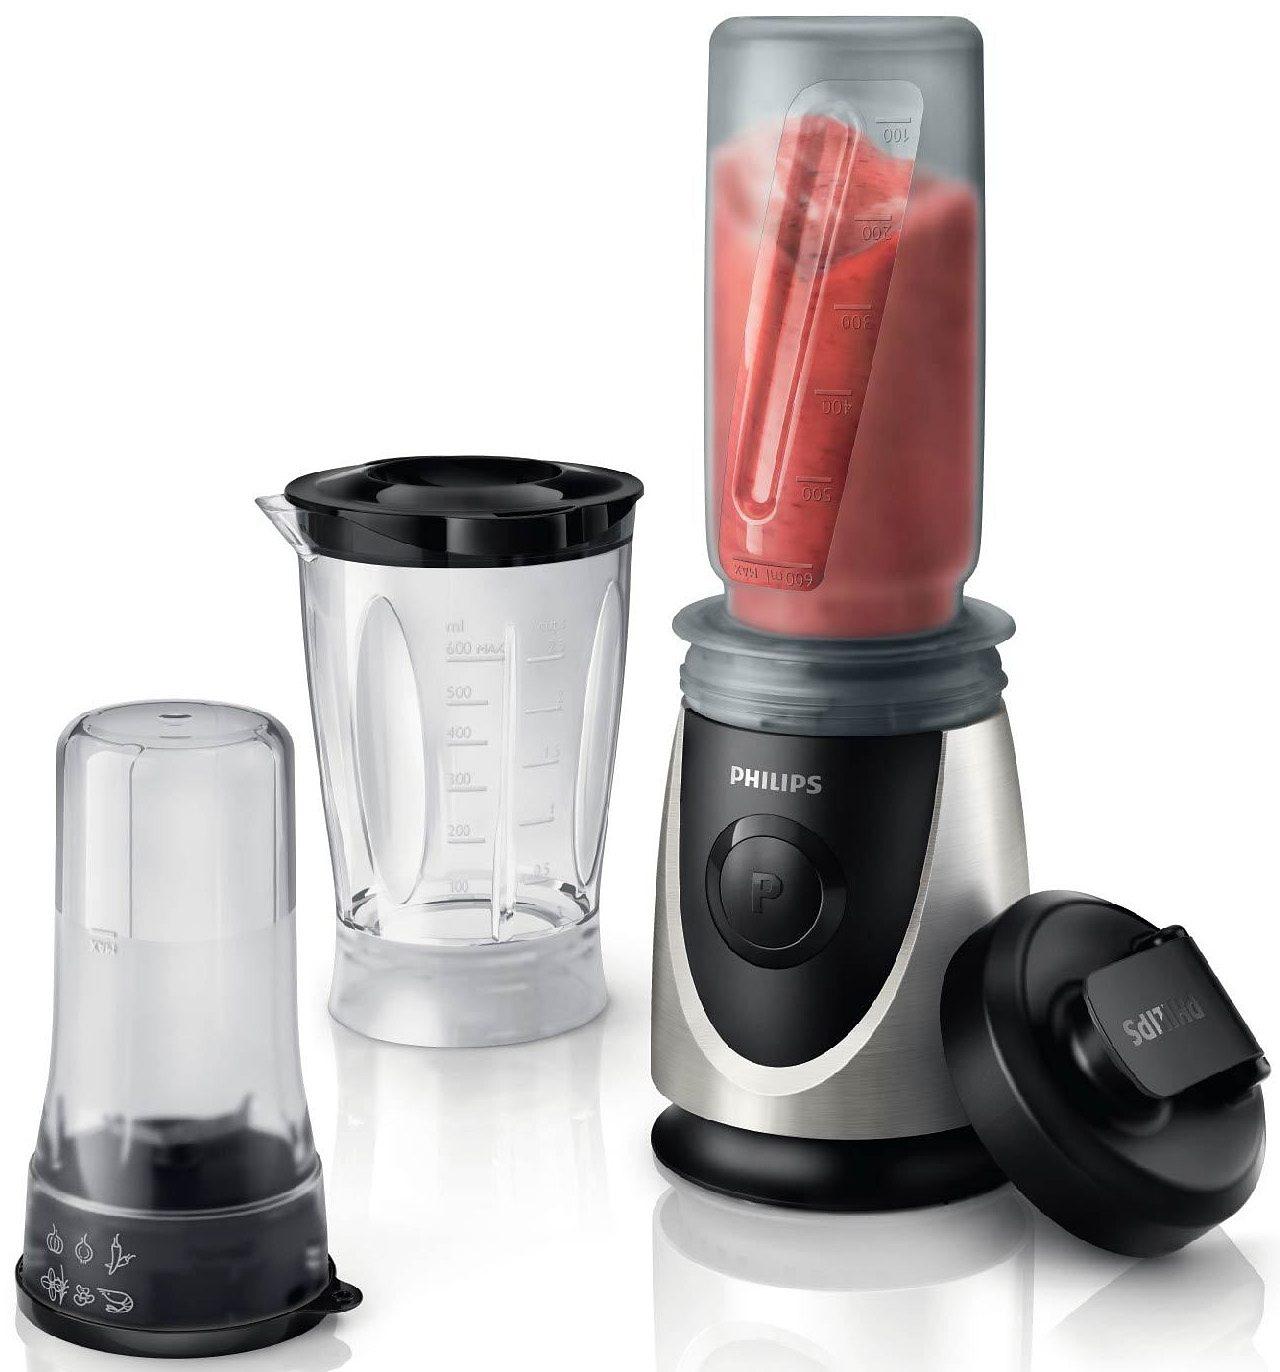 Philips Standmixer HR2876/00, 350 Watt, mit 2 Gratis Trinkflaschen (Wert 22,-€) nach Onlineregistrierung